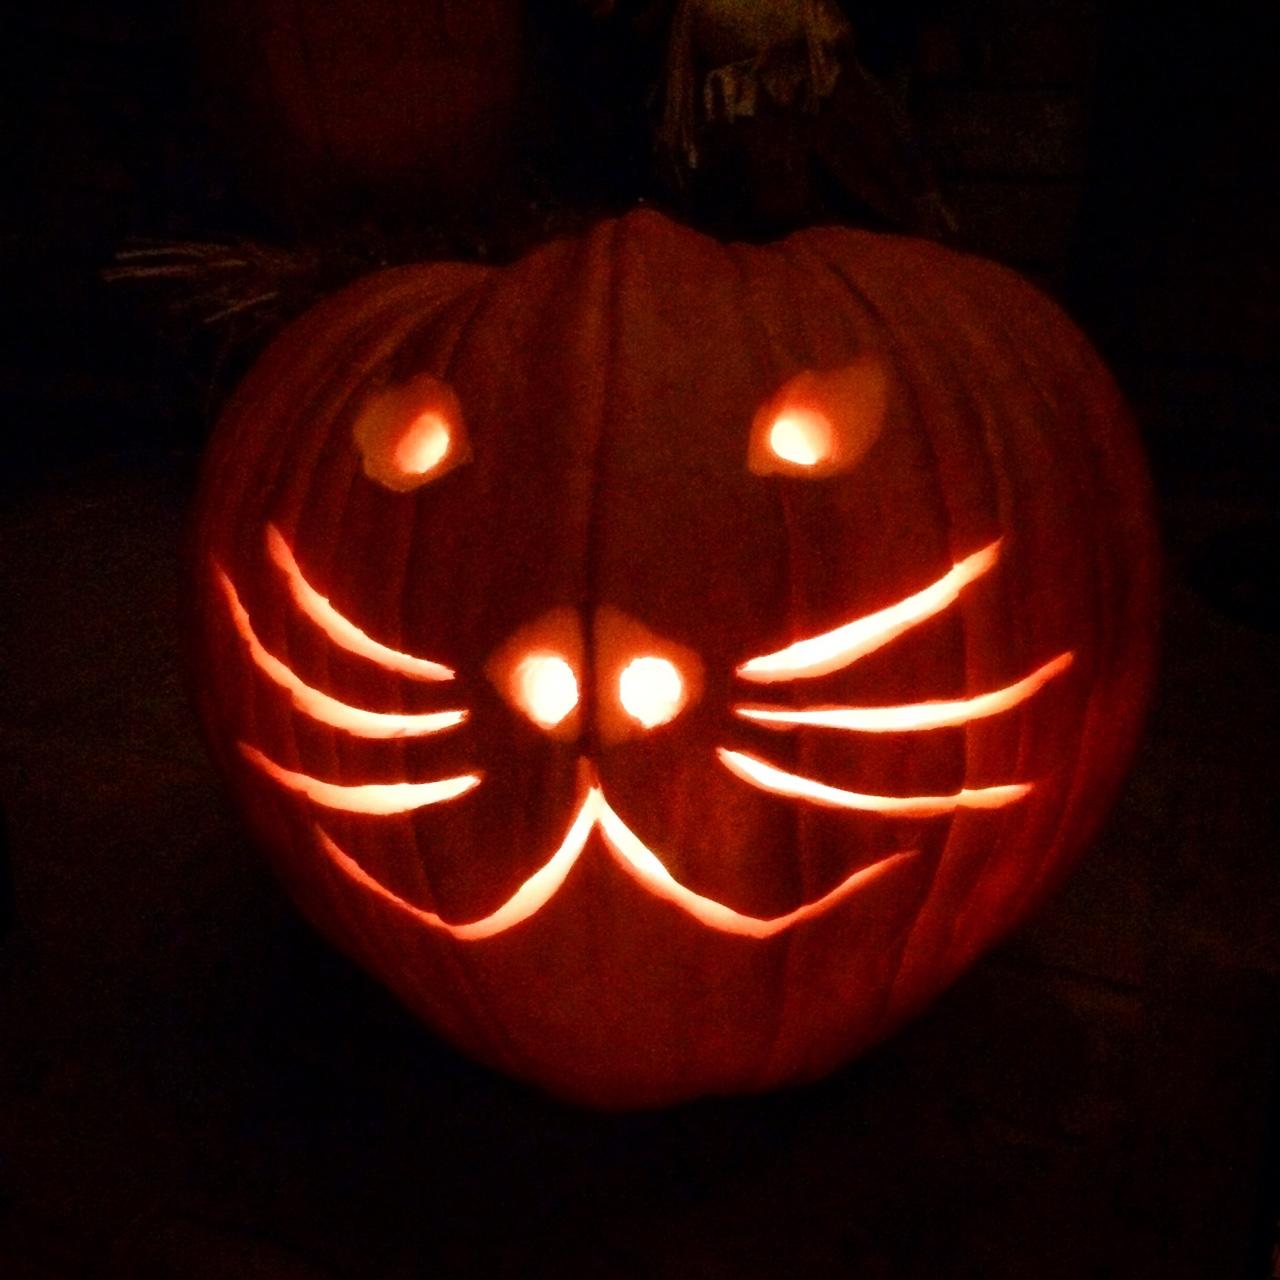 Boo! Meow.